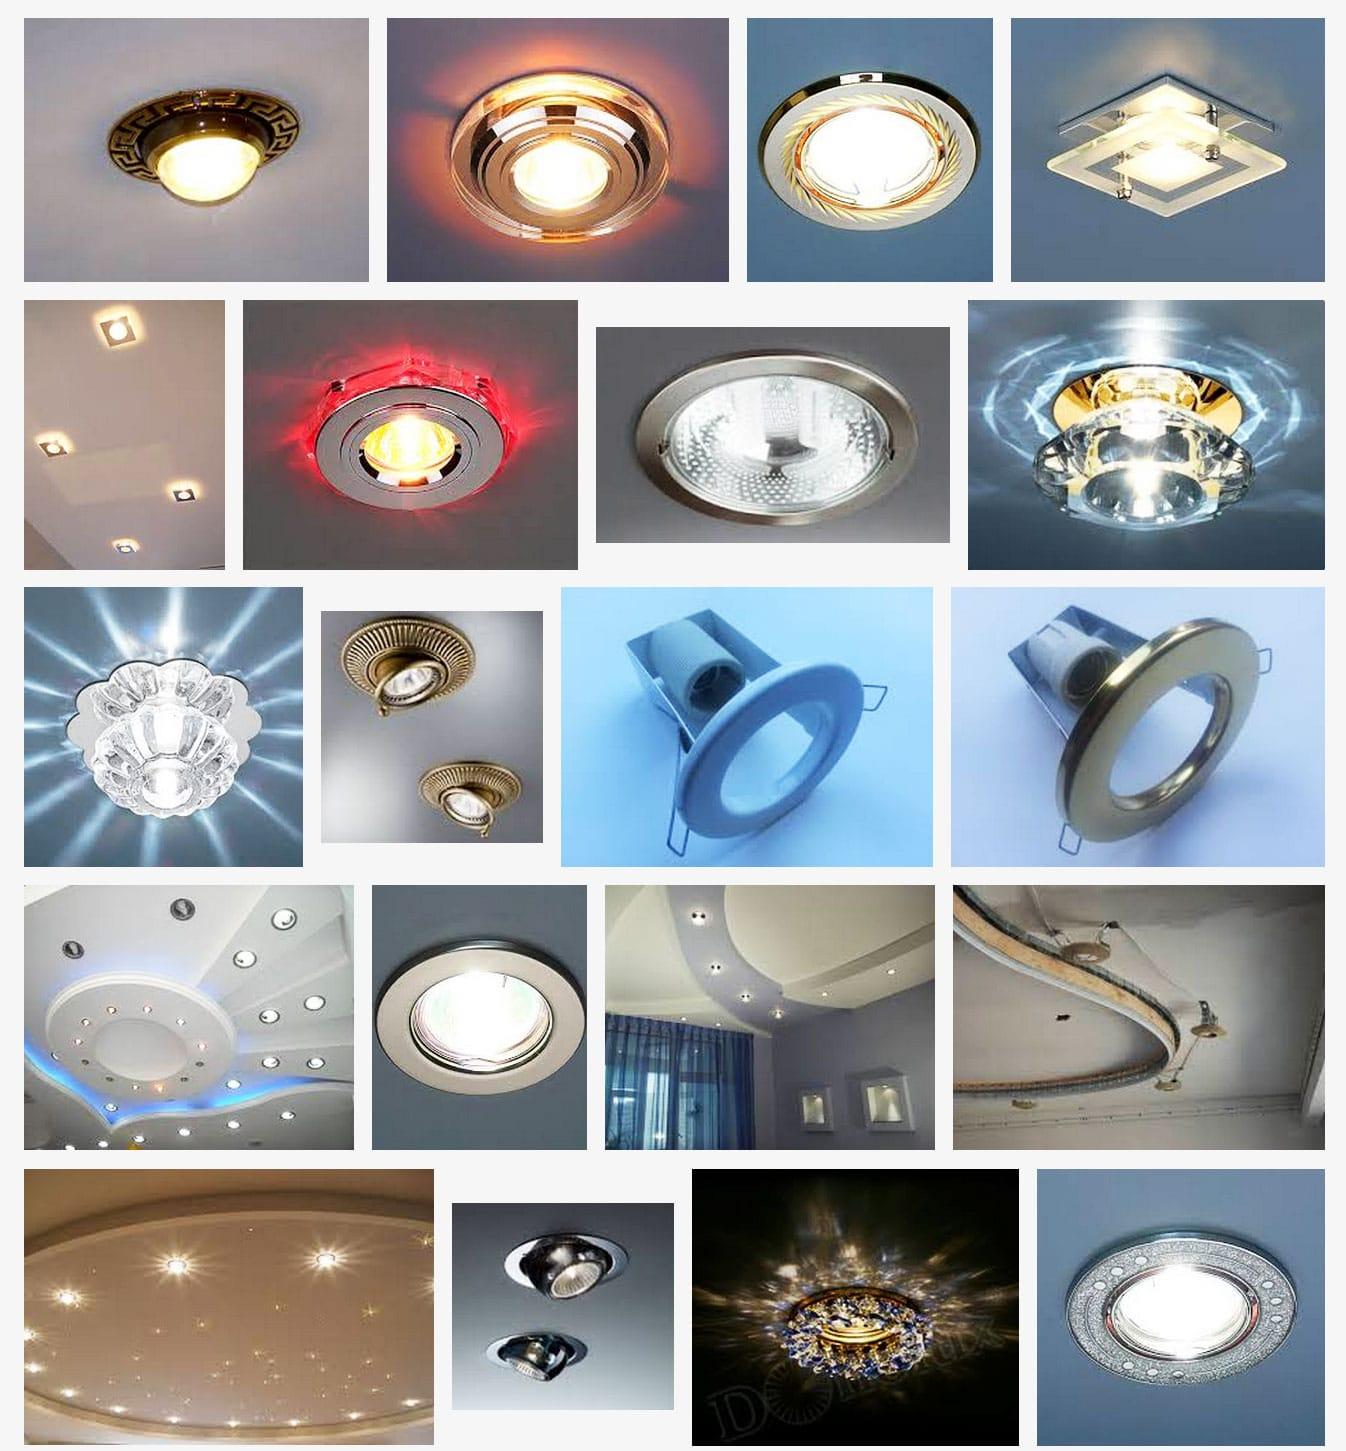 выбор светильников для подсветки